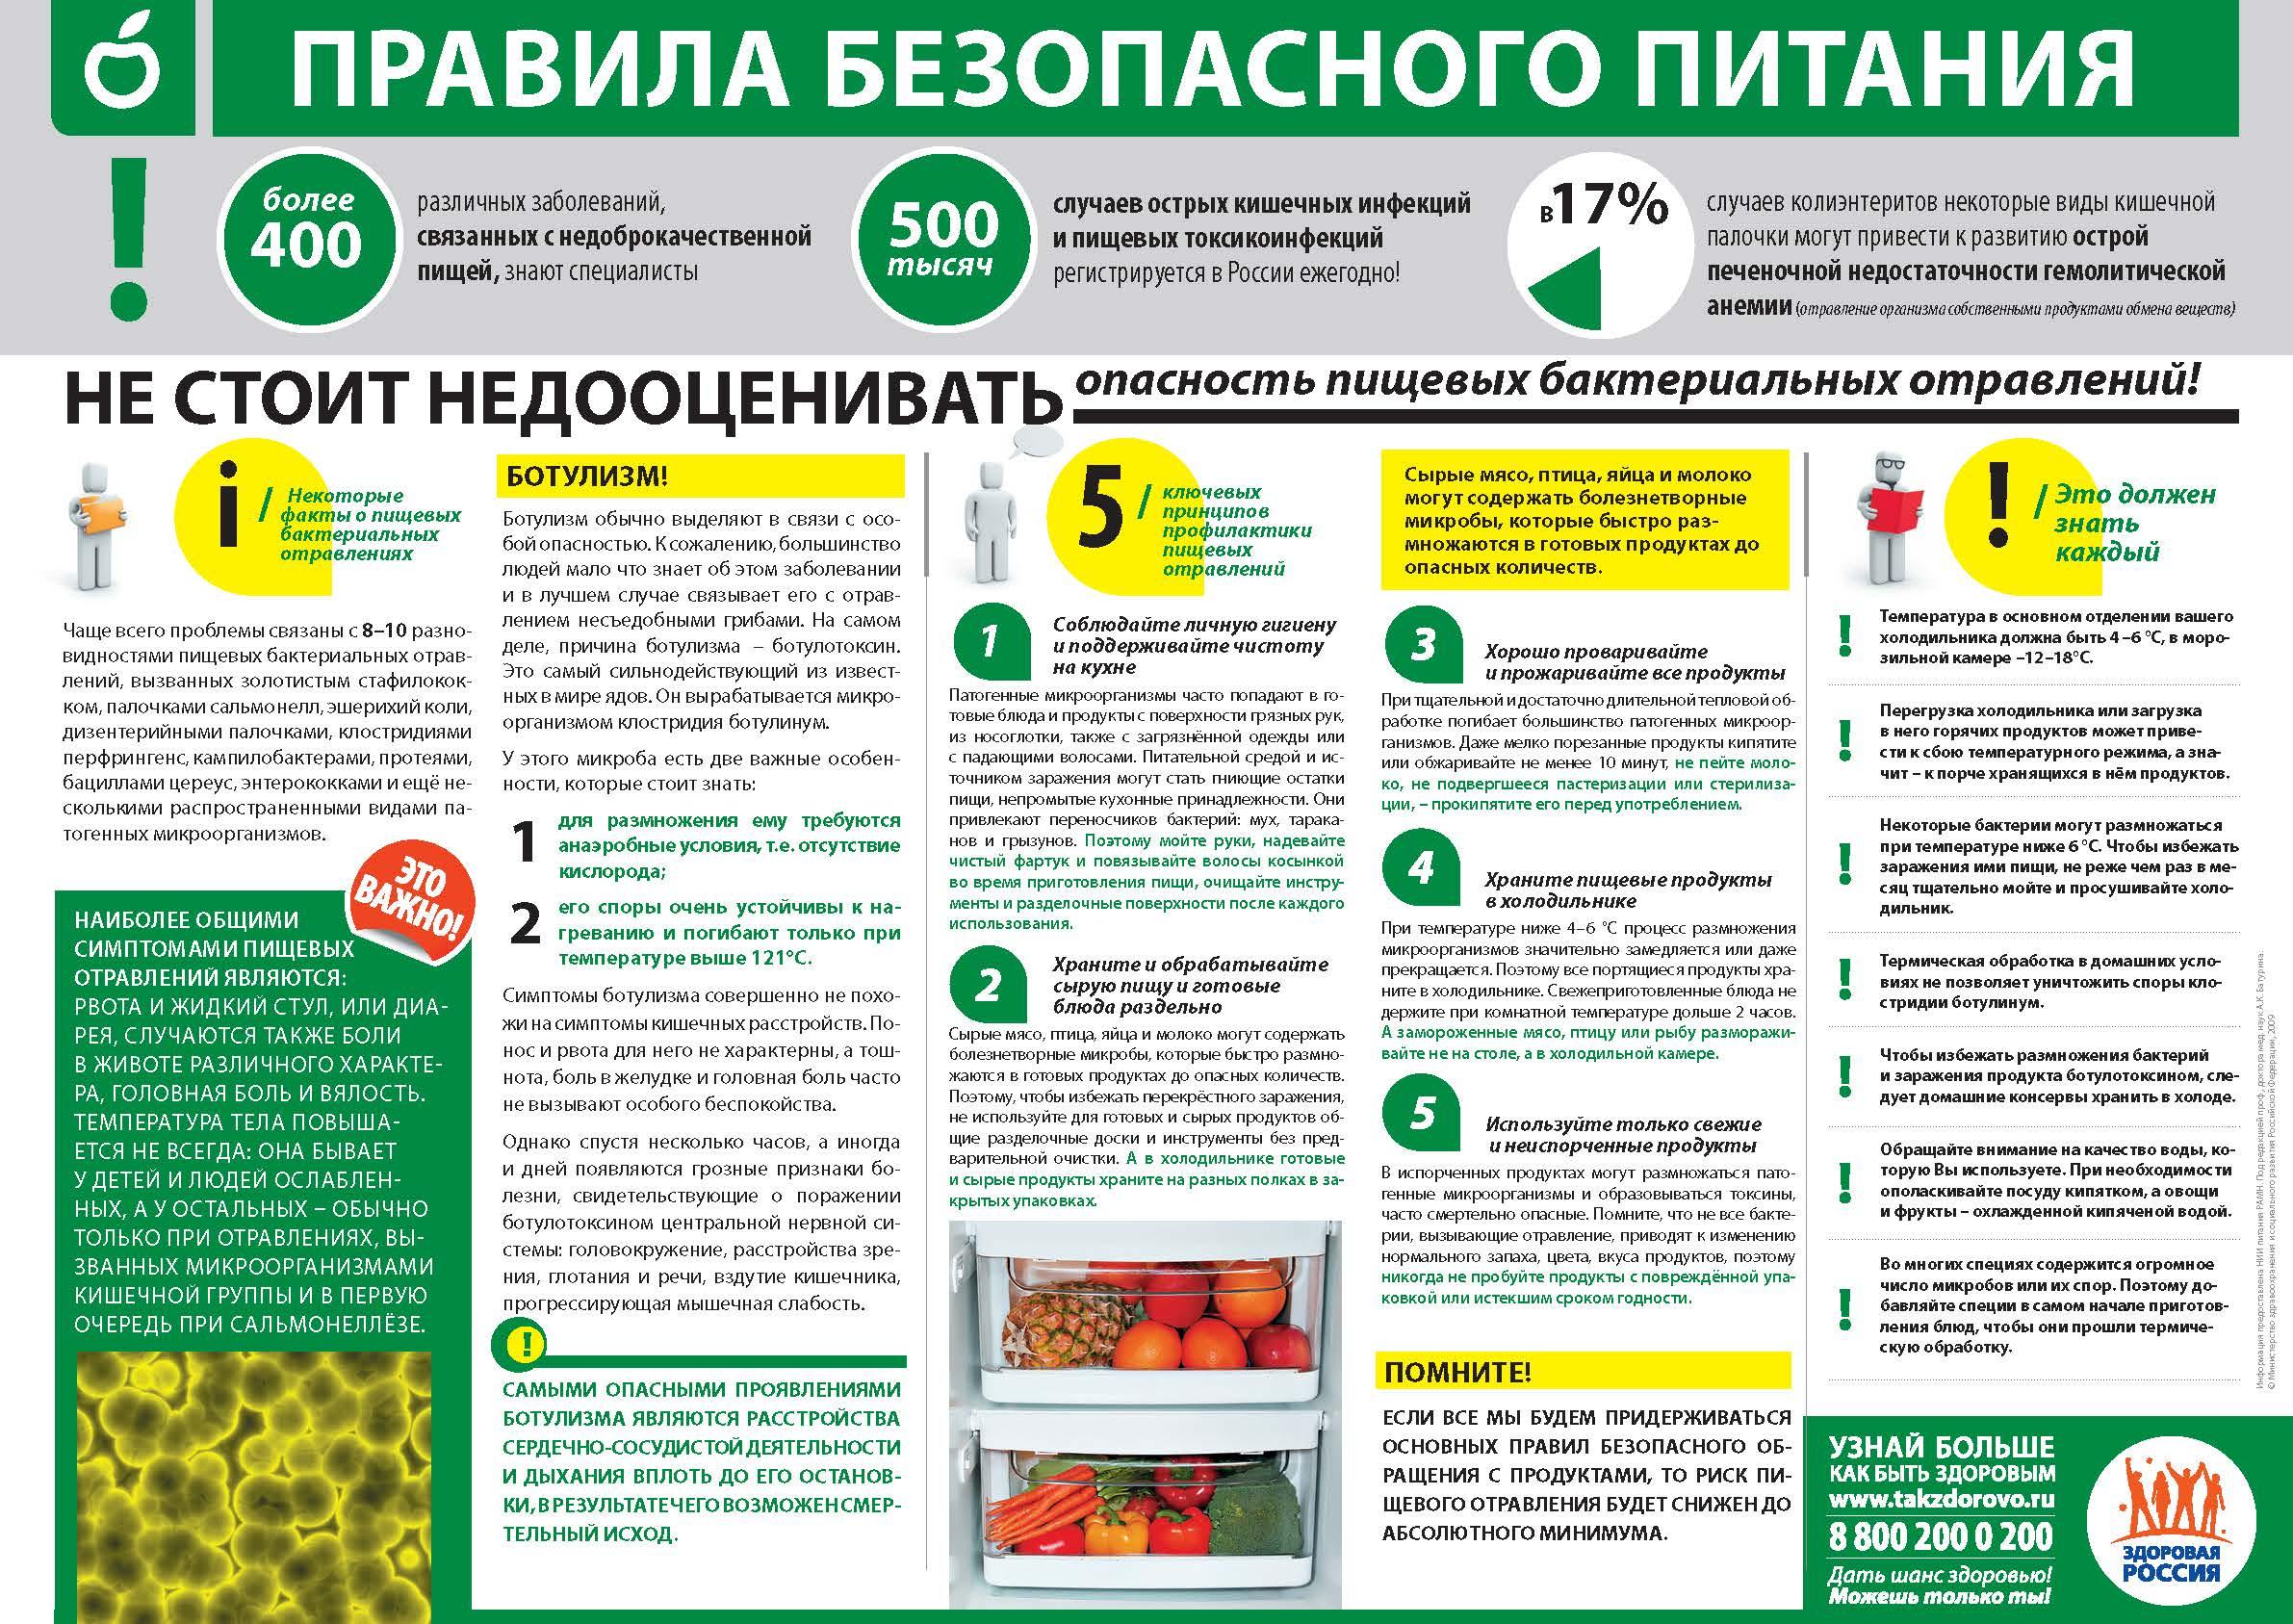 Детской поликлинике 2 петрозаводск